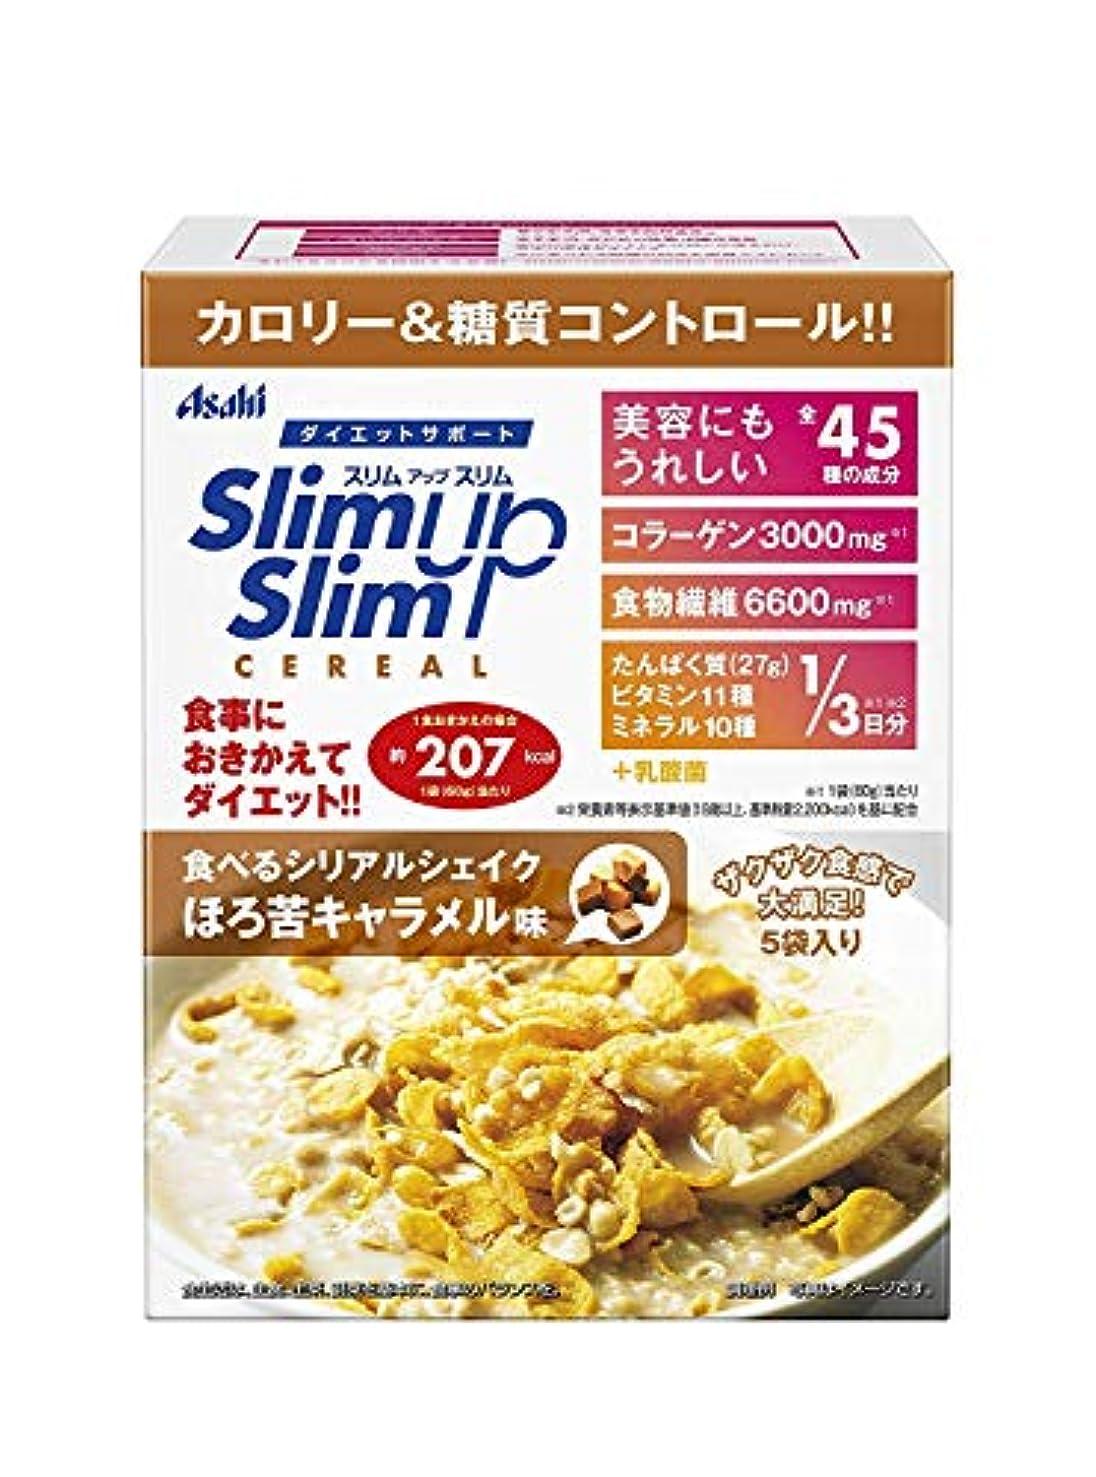 繊維空中強調するスリムアップスリム 食べるシリアルシェイク ほろ苦キャラメル味 300g (60g×5袋) ×3